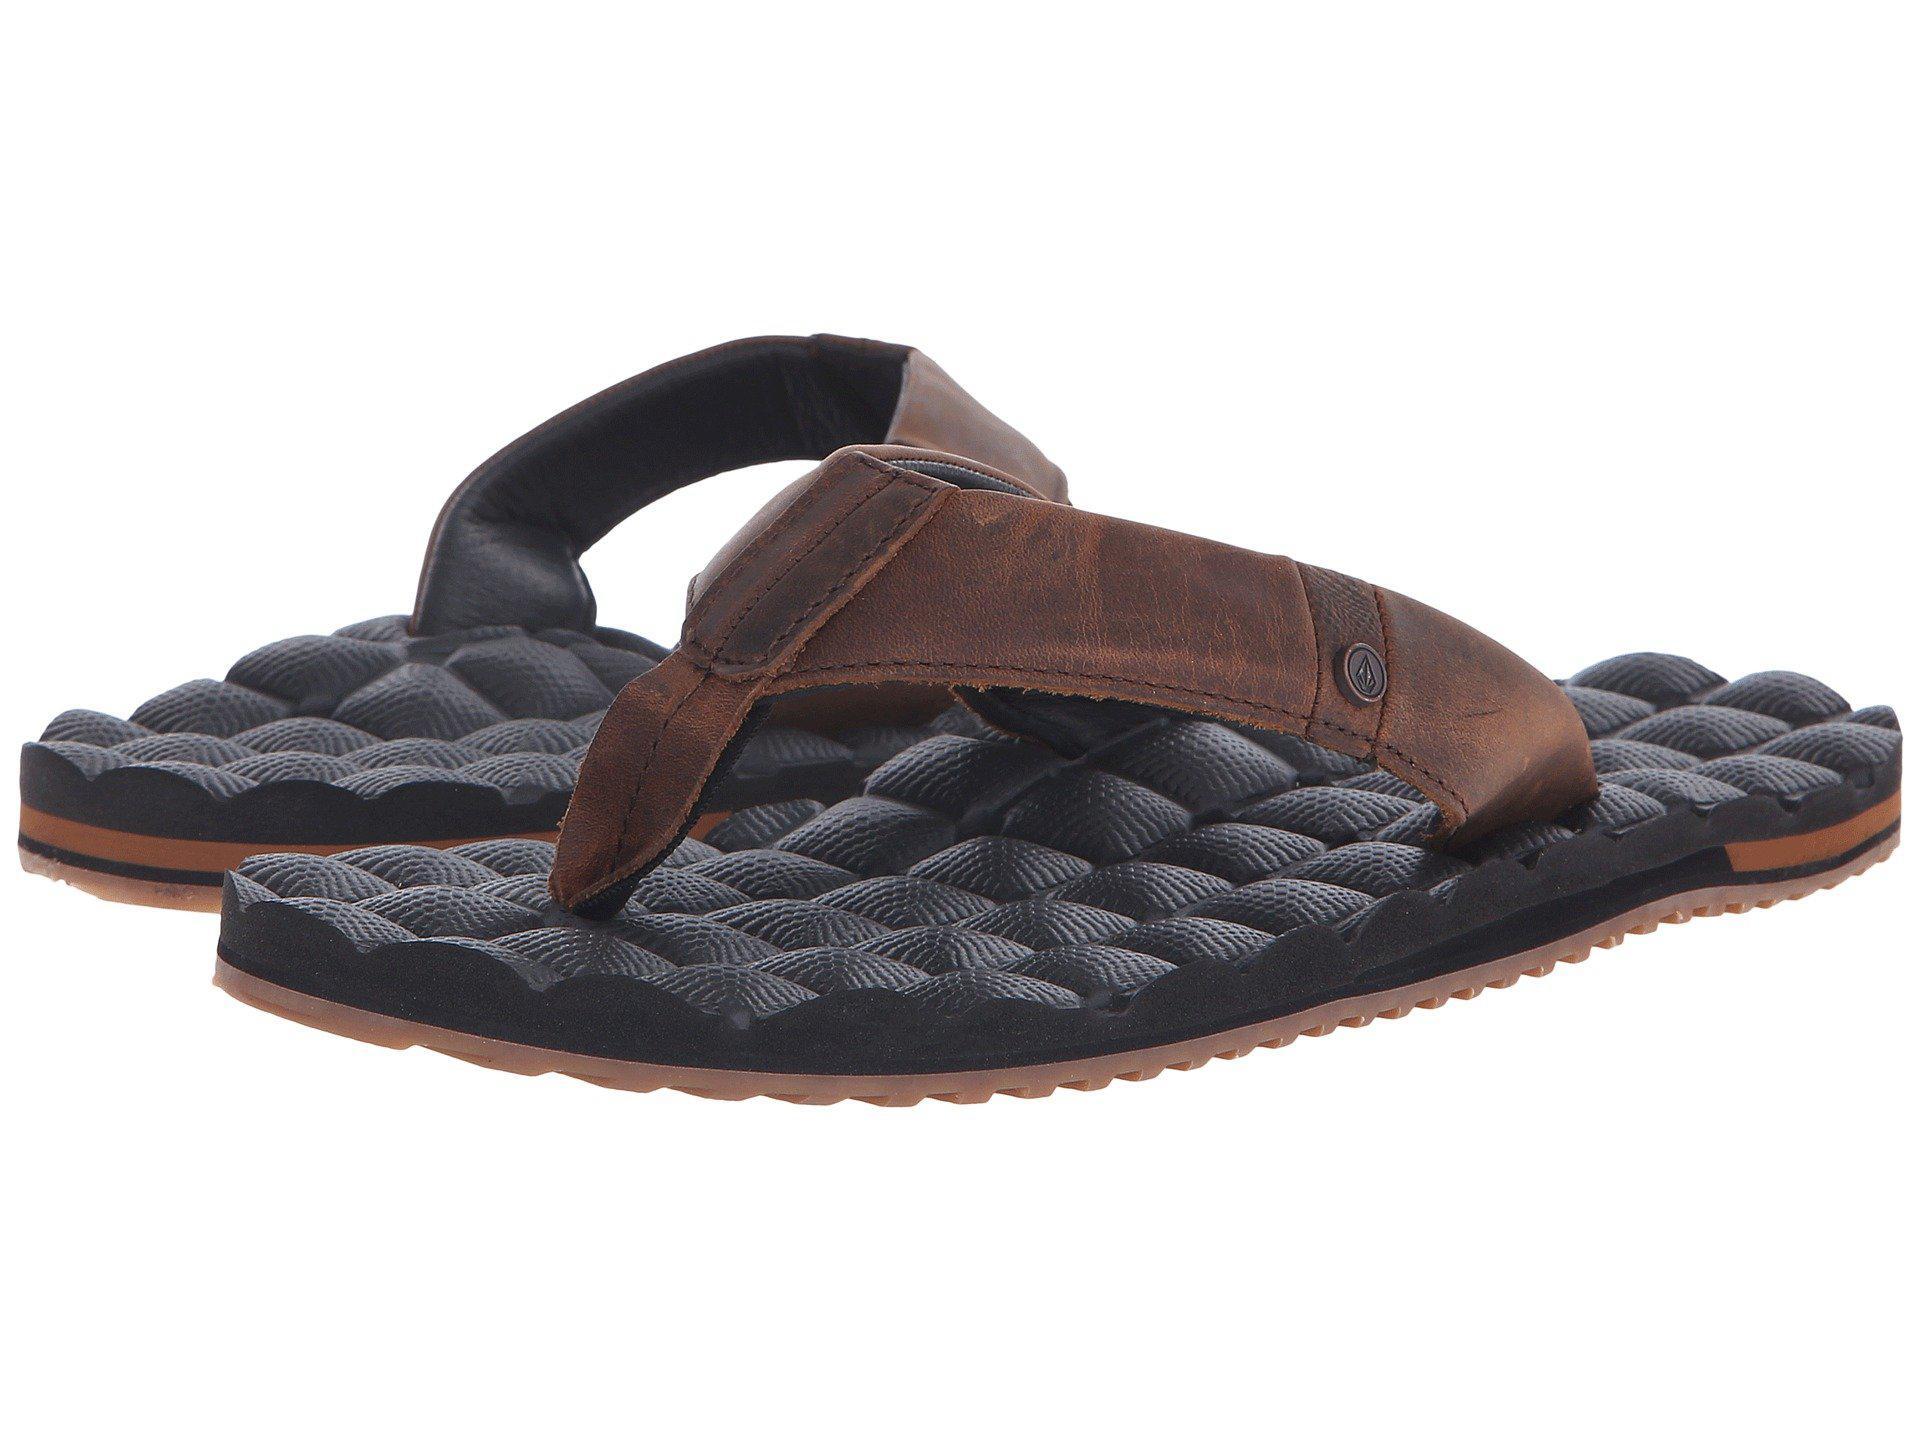 Volcom. Men's Brown Recliner Leather